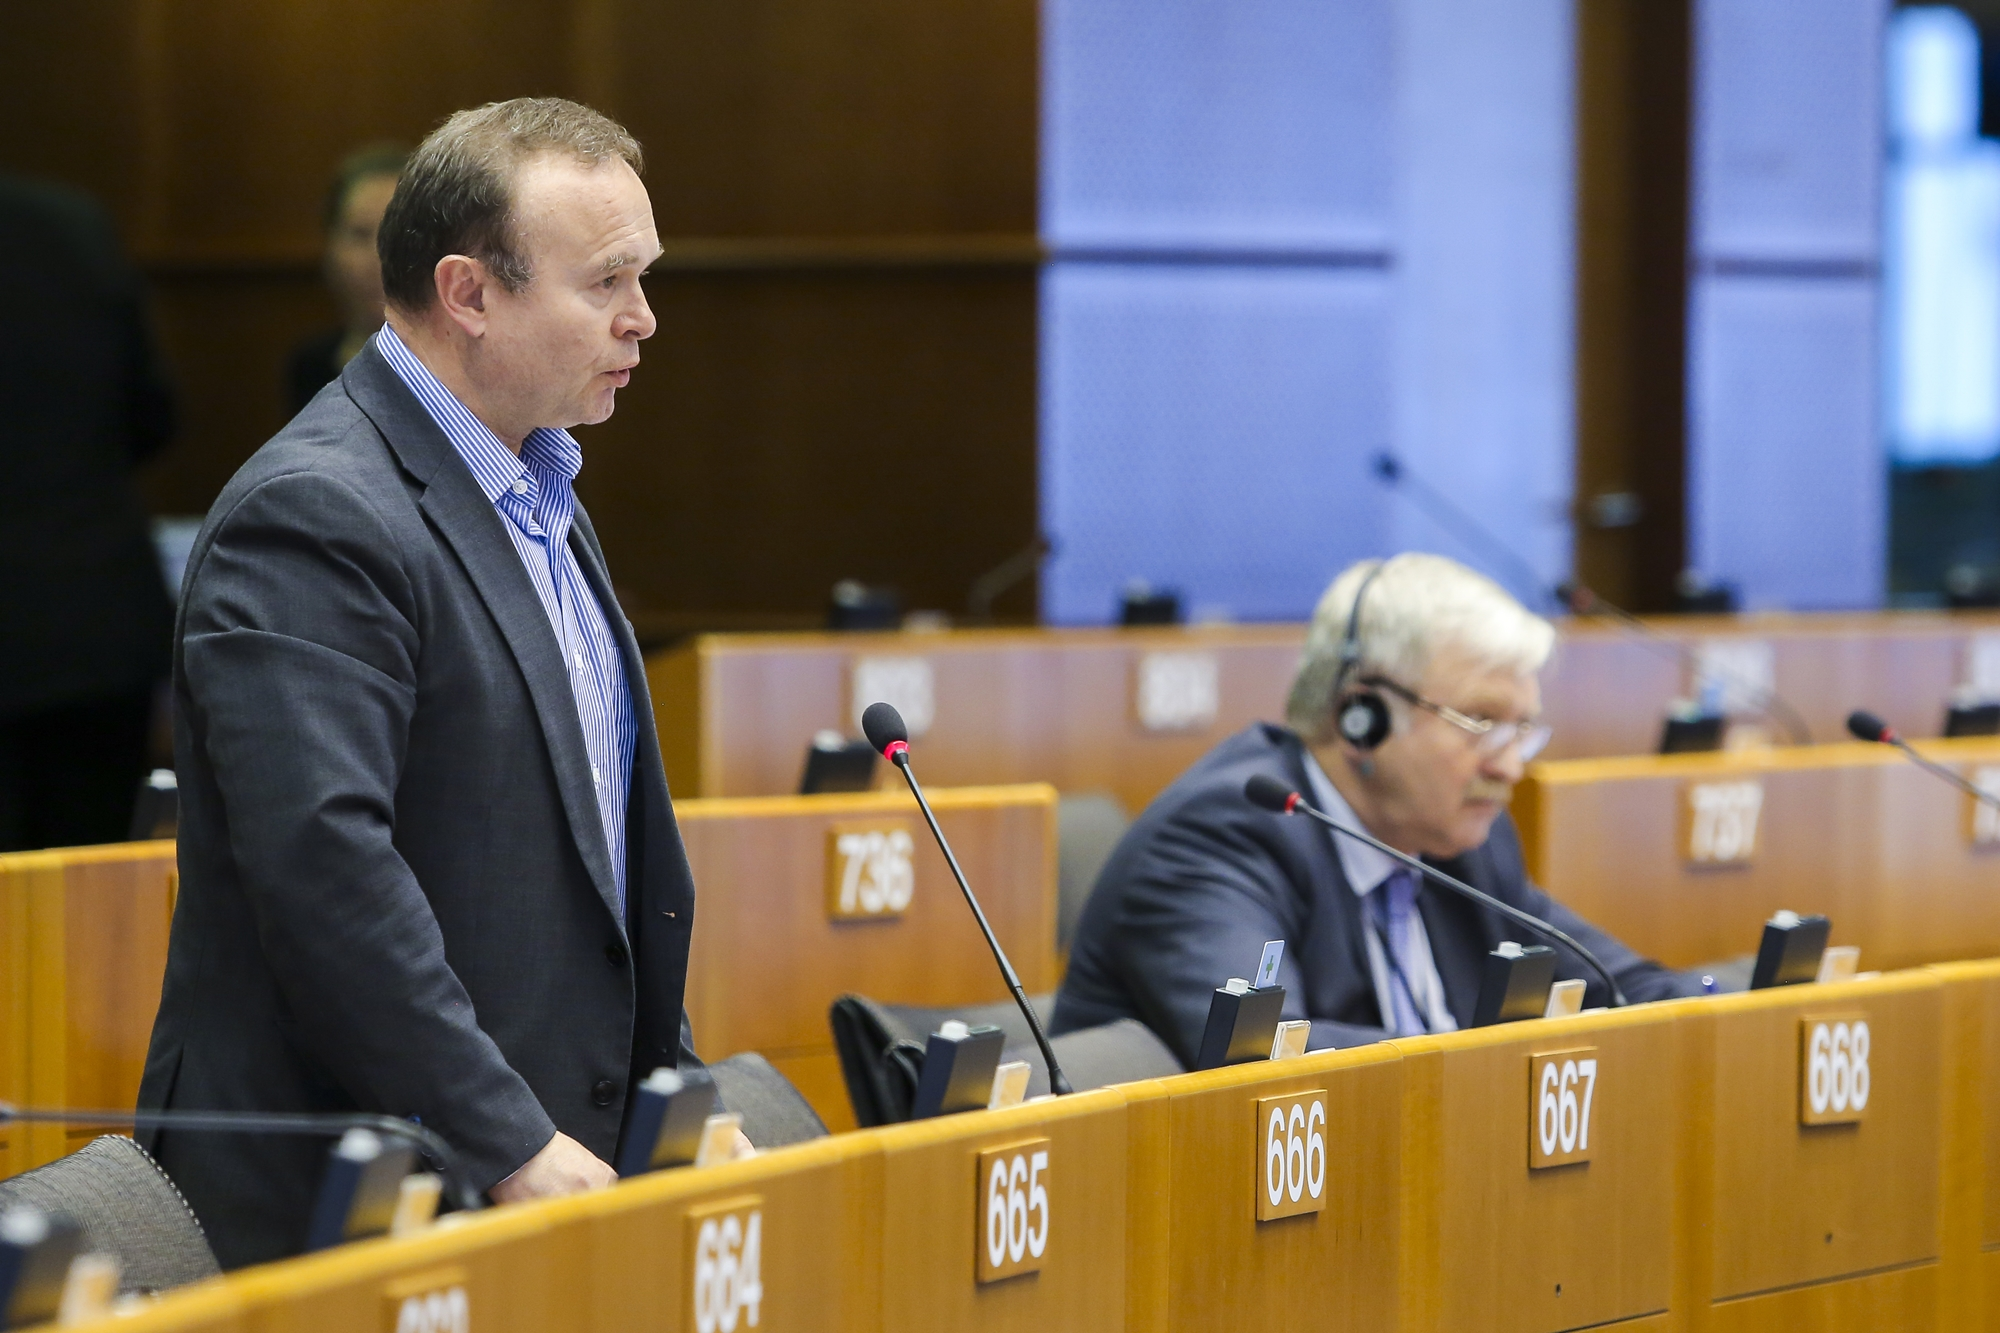 SKRLEC, Davor (Greens/EFA, HR)